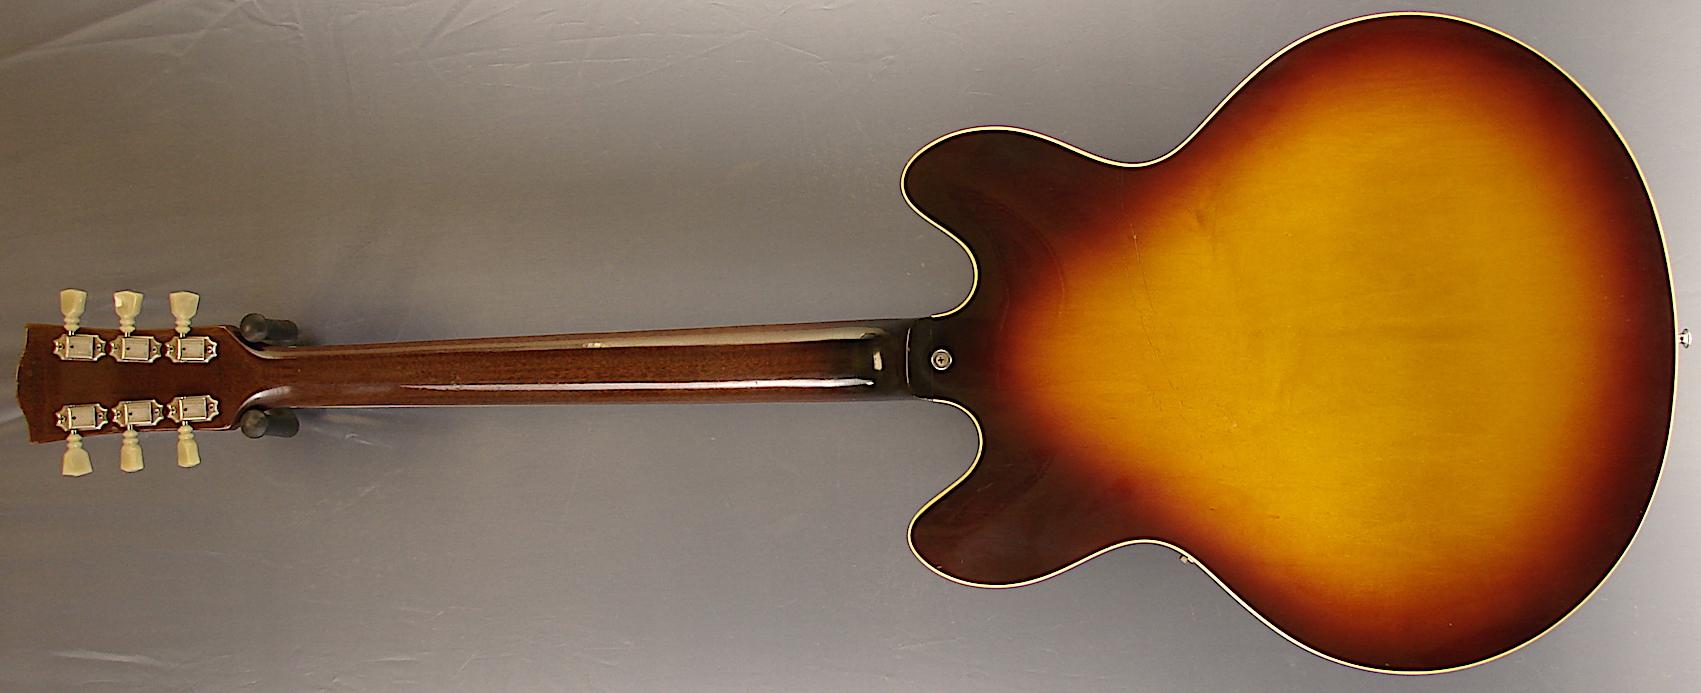 Ausgezeichnet Fender Telecaster 4 Wege Schalter Schaltplan Galerie ...